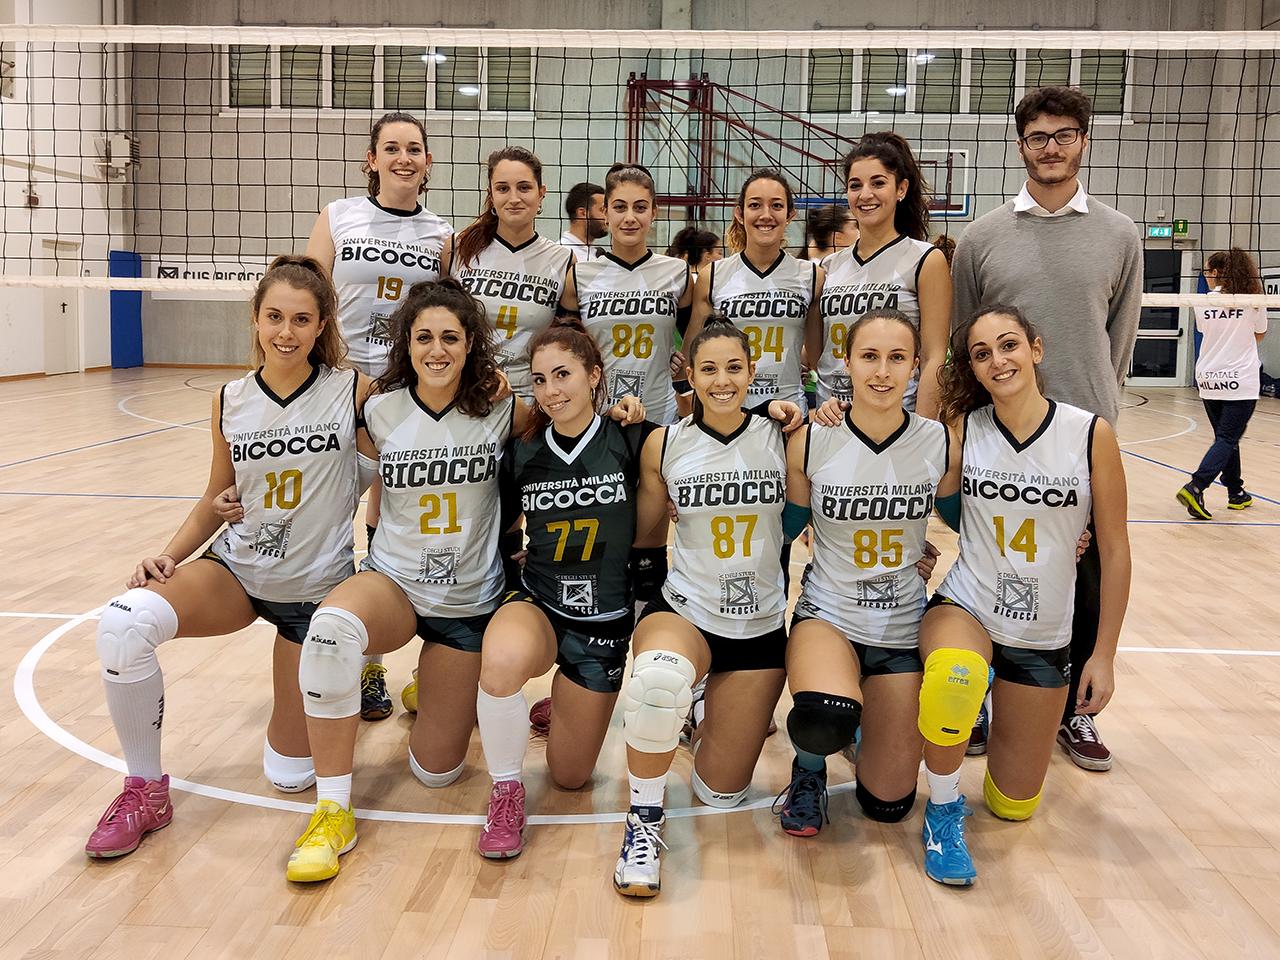 CUS Bicocca • volley femminile 2019/20 • universitario